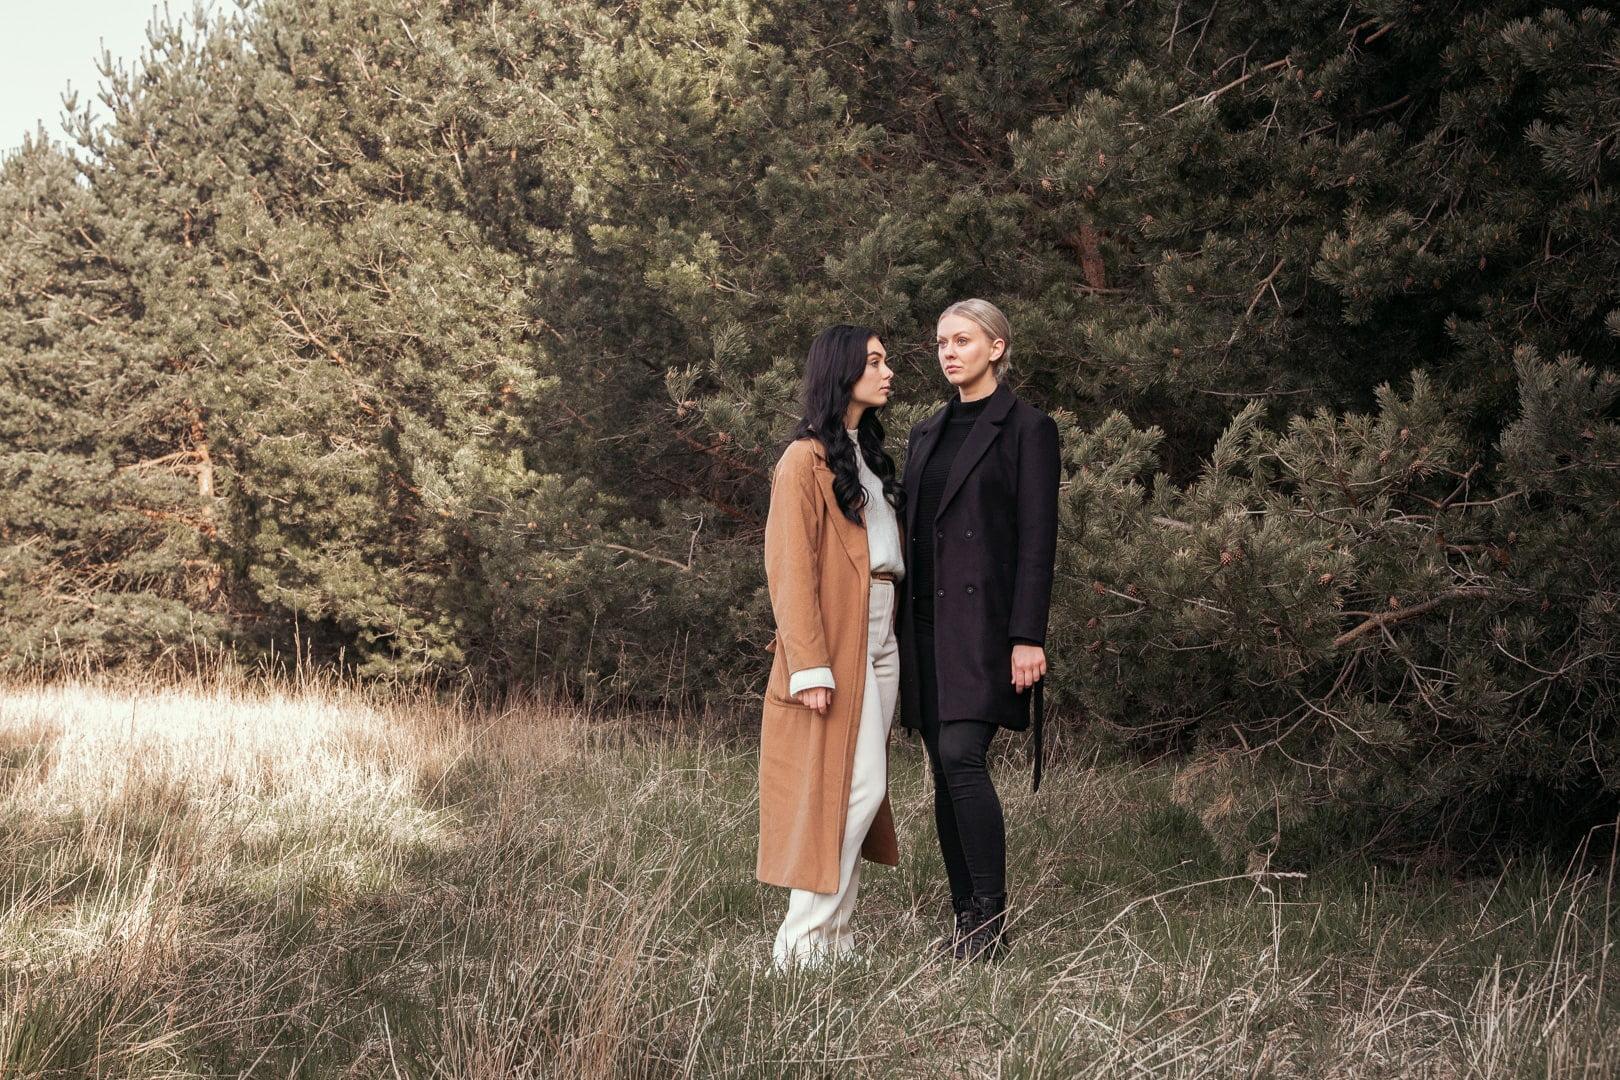 Parfotografering i Linköping, av Studio Engström - bröllopsfotograf Linköping, Östergötland